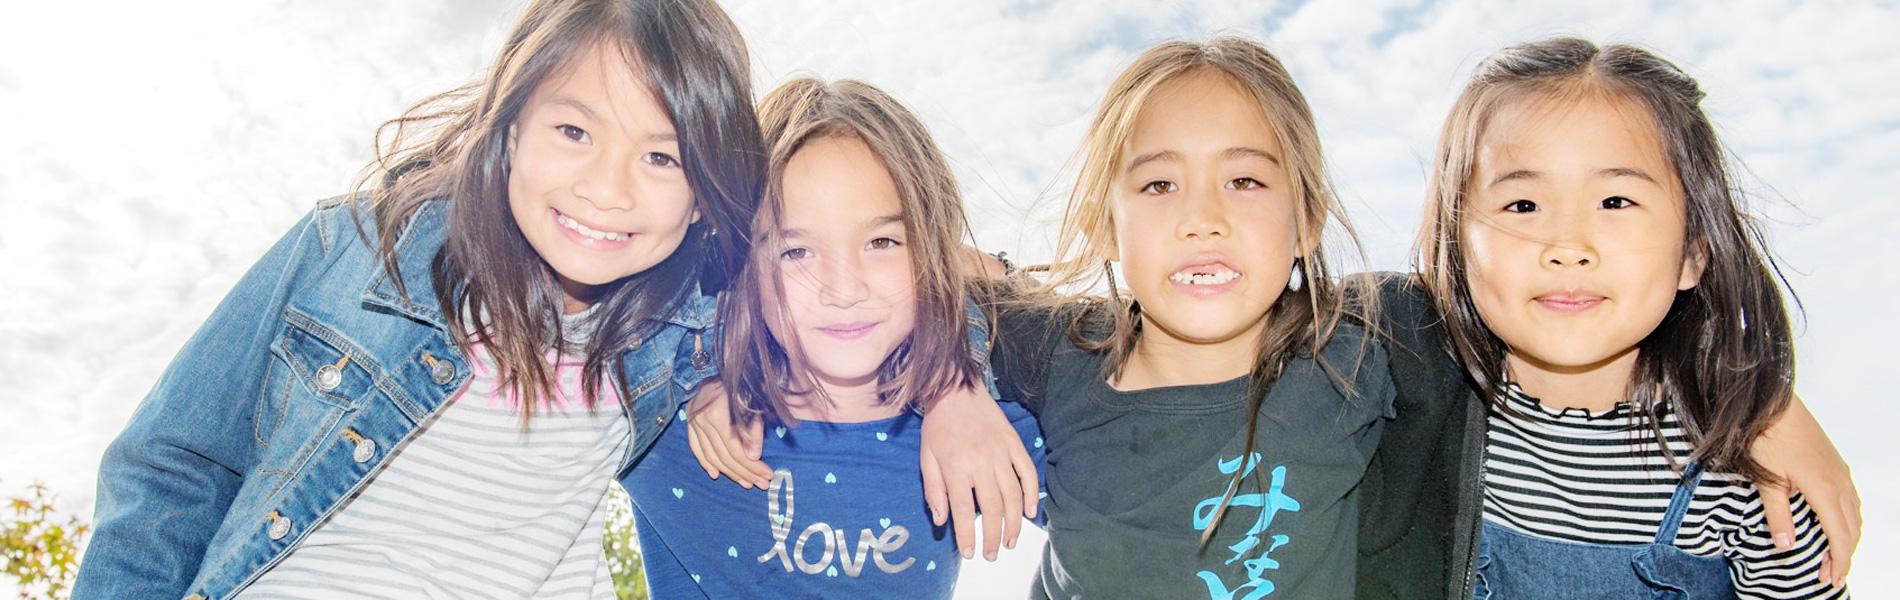 異文化を通して、相互理解できる国際性豊かな子ども